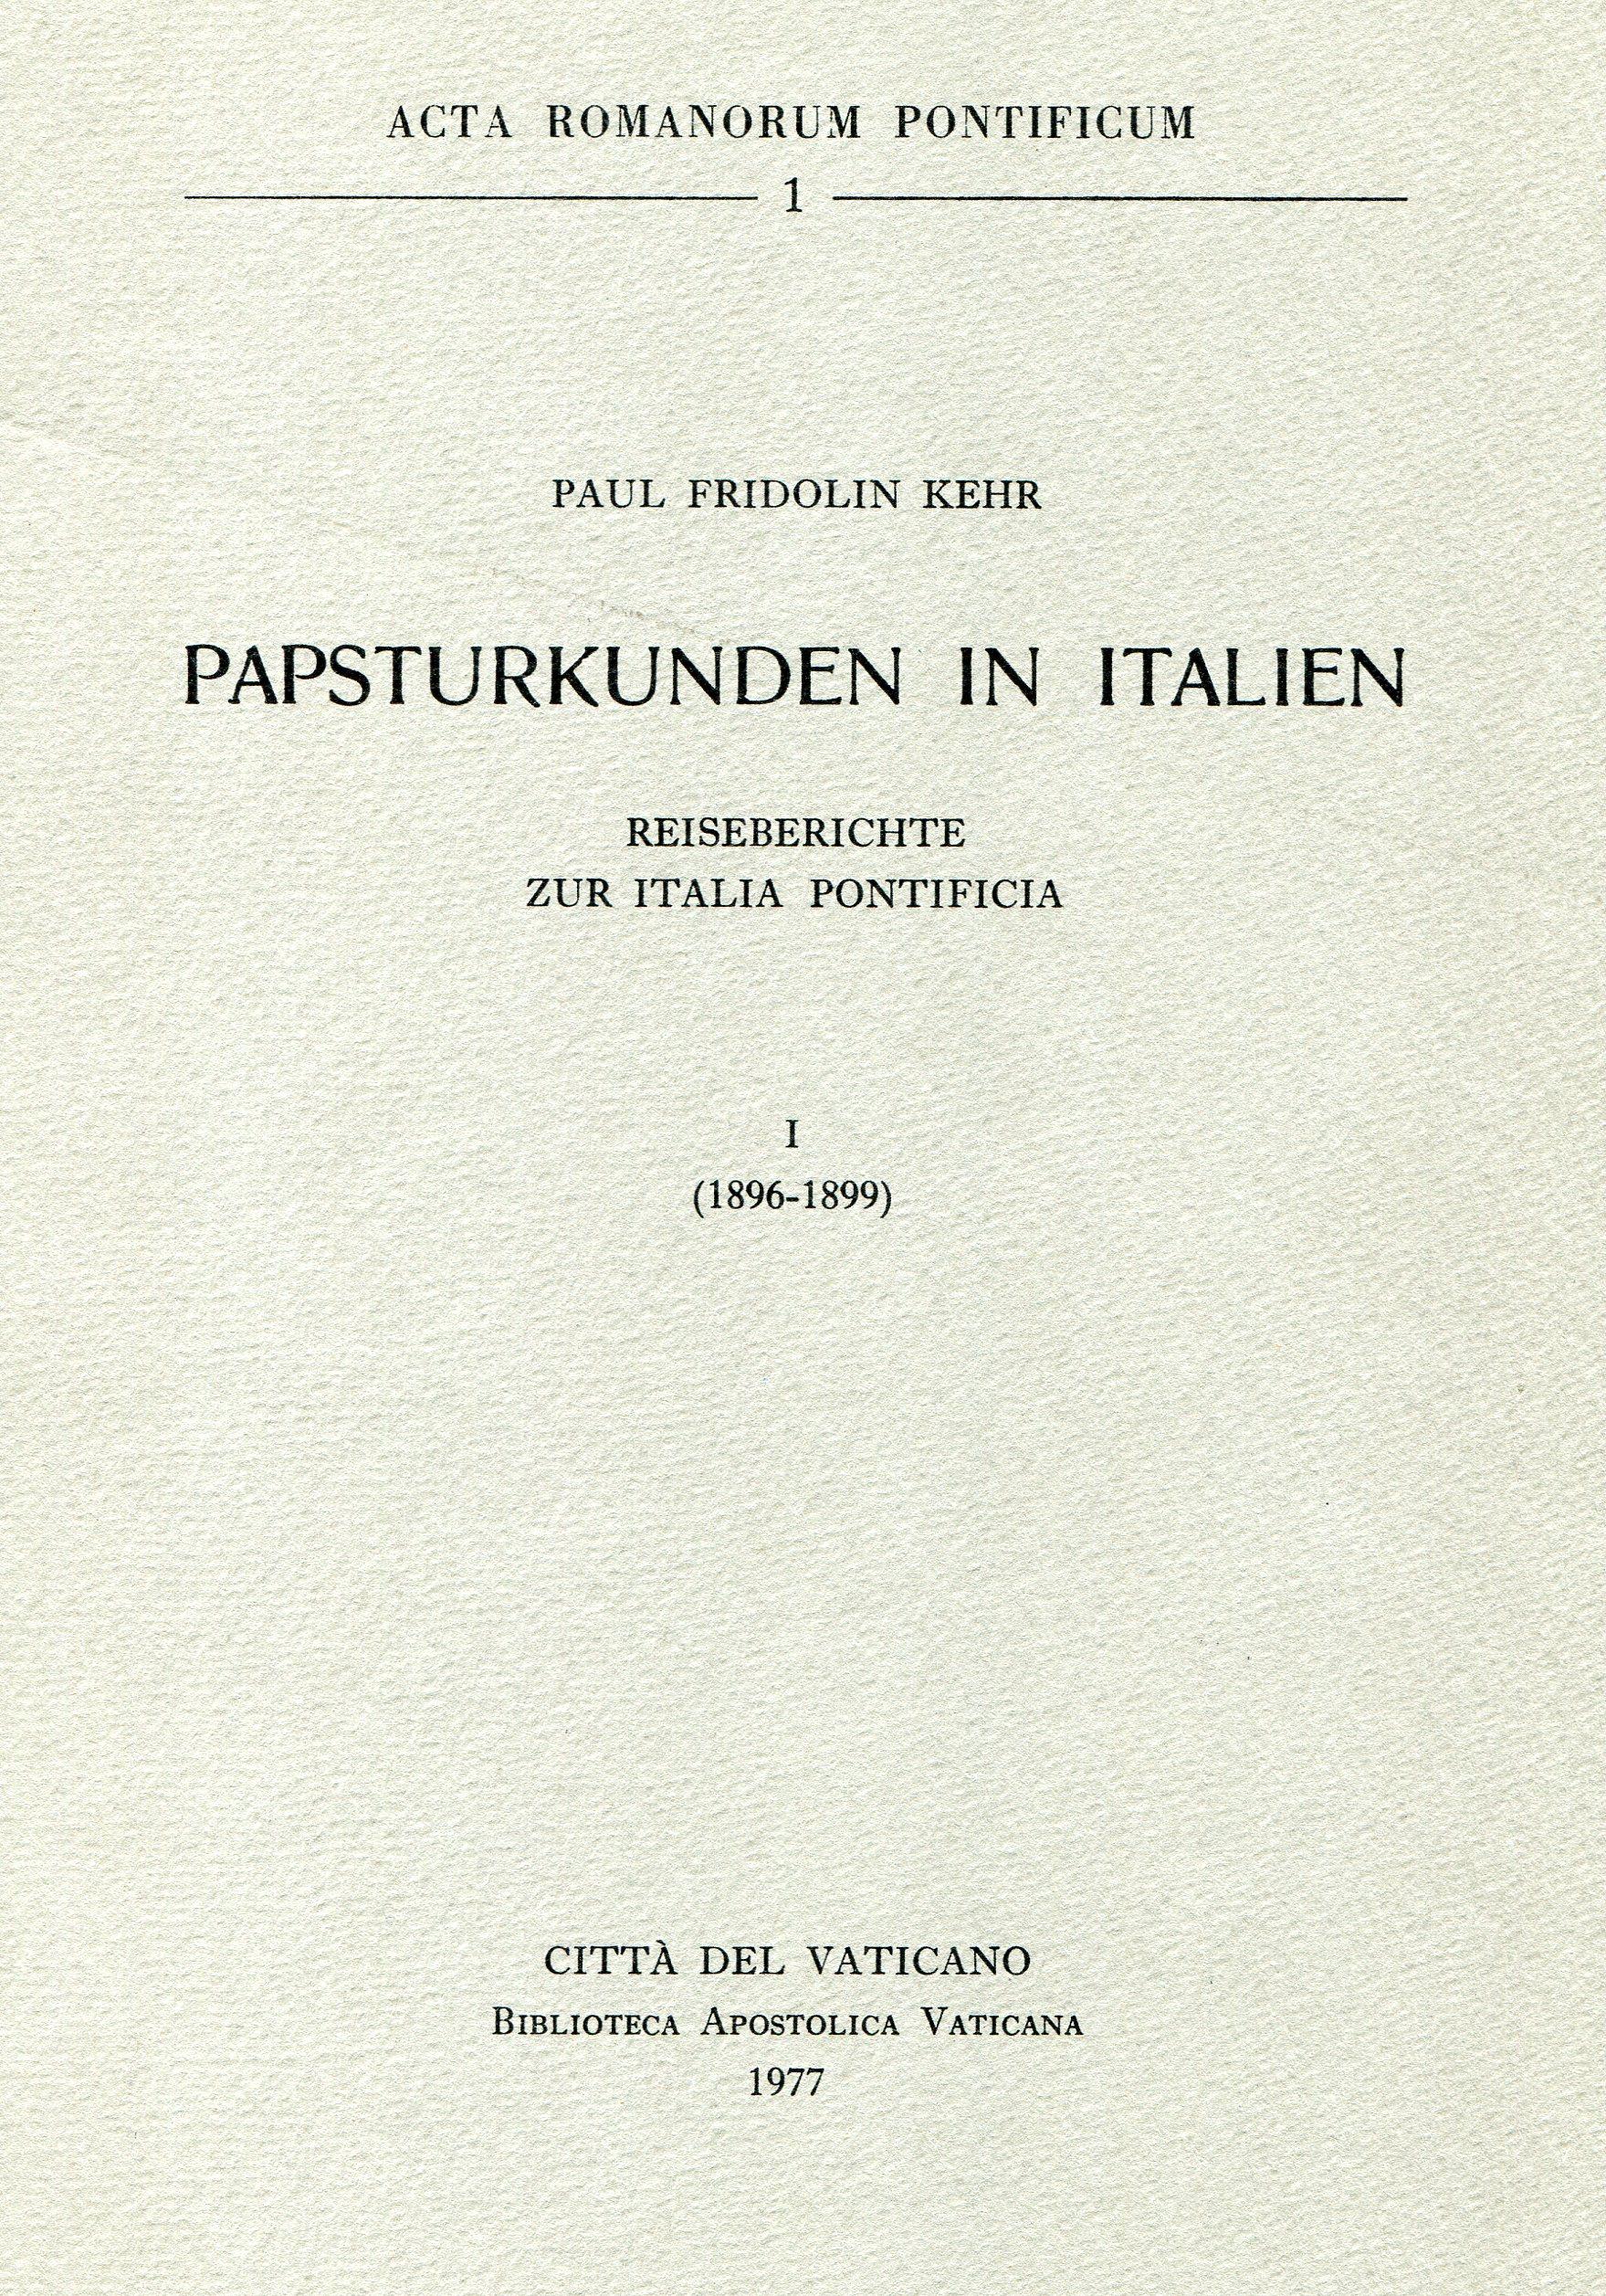 Papsturkunden in Italien. Reiseberichte zur Italia pontificia ‒ Vol. I. 1896-1899.